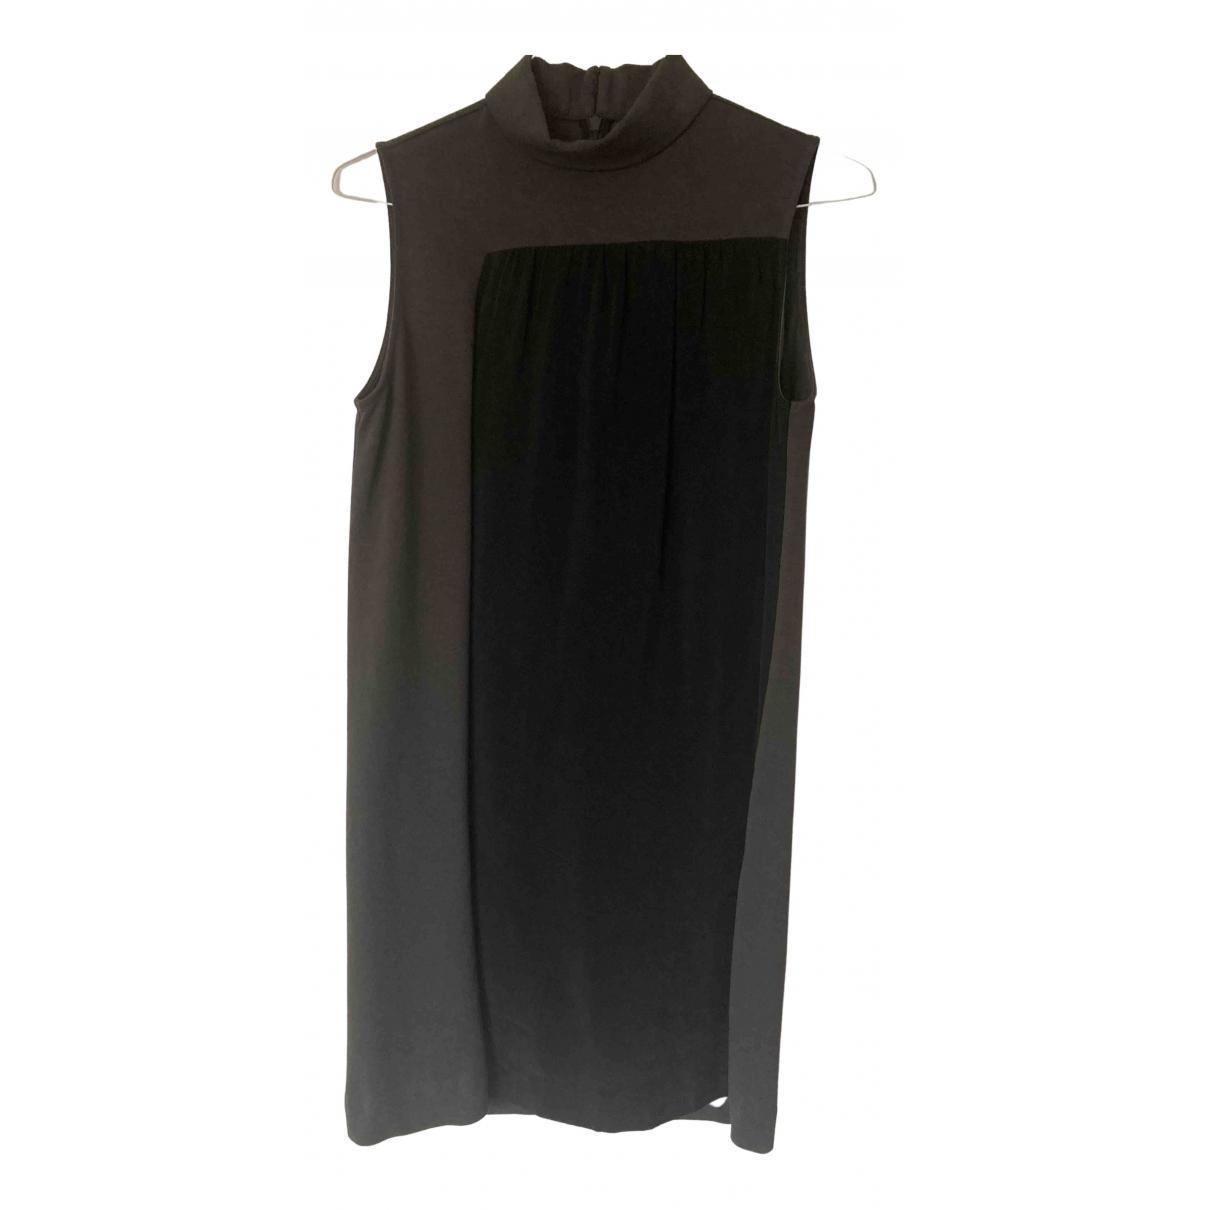 Cos \N Kleid in  Grau Baumwolle